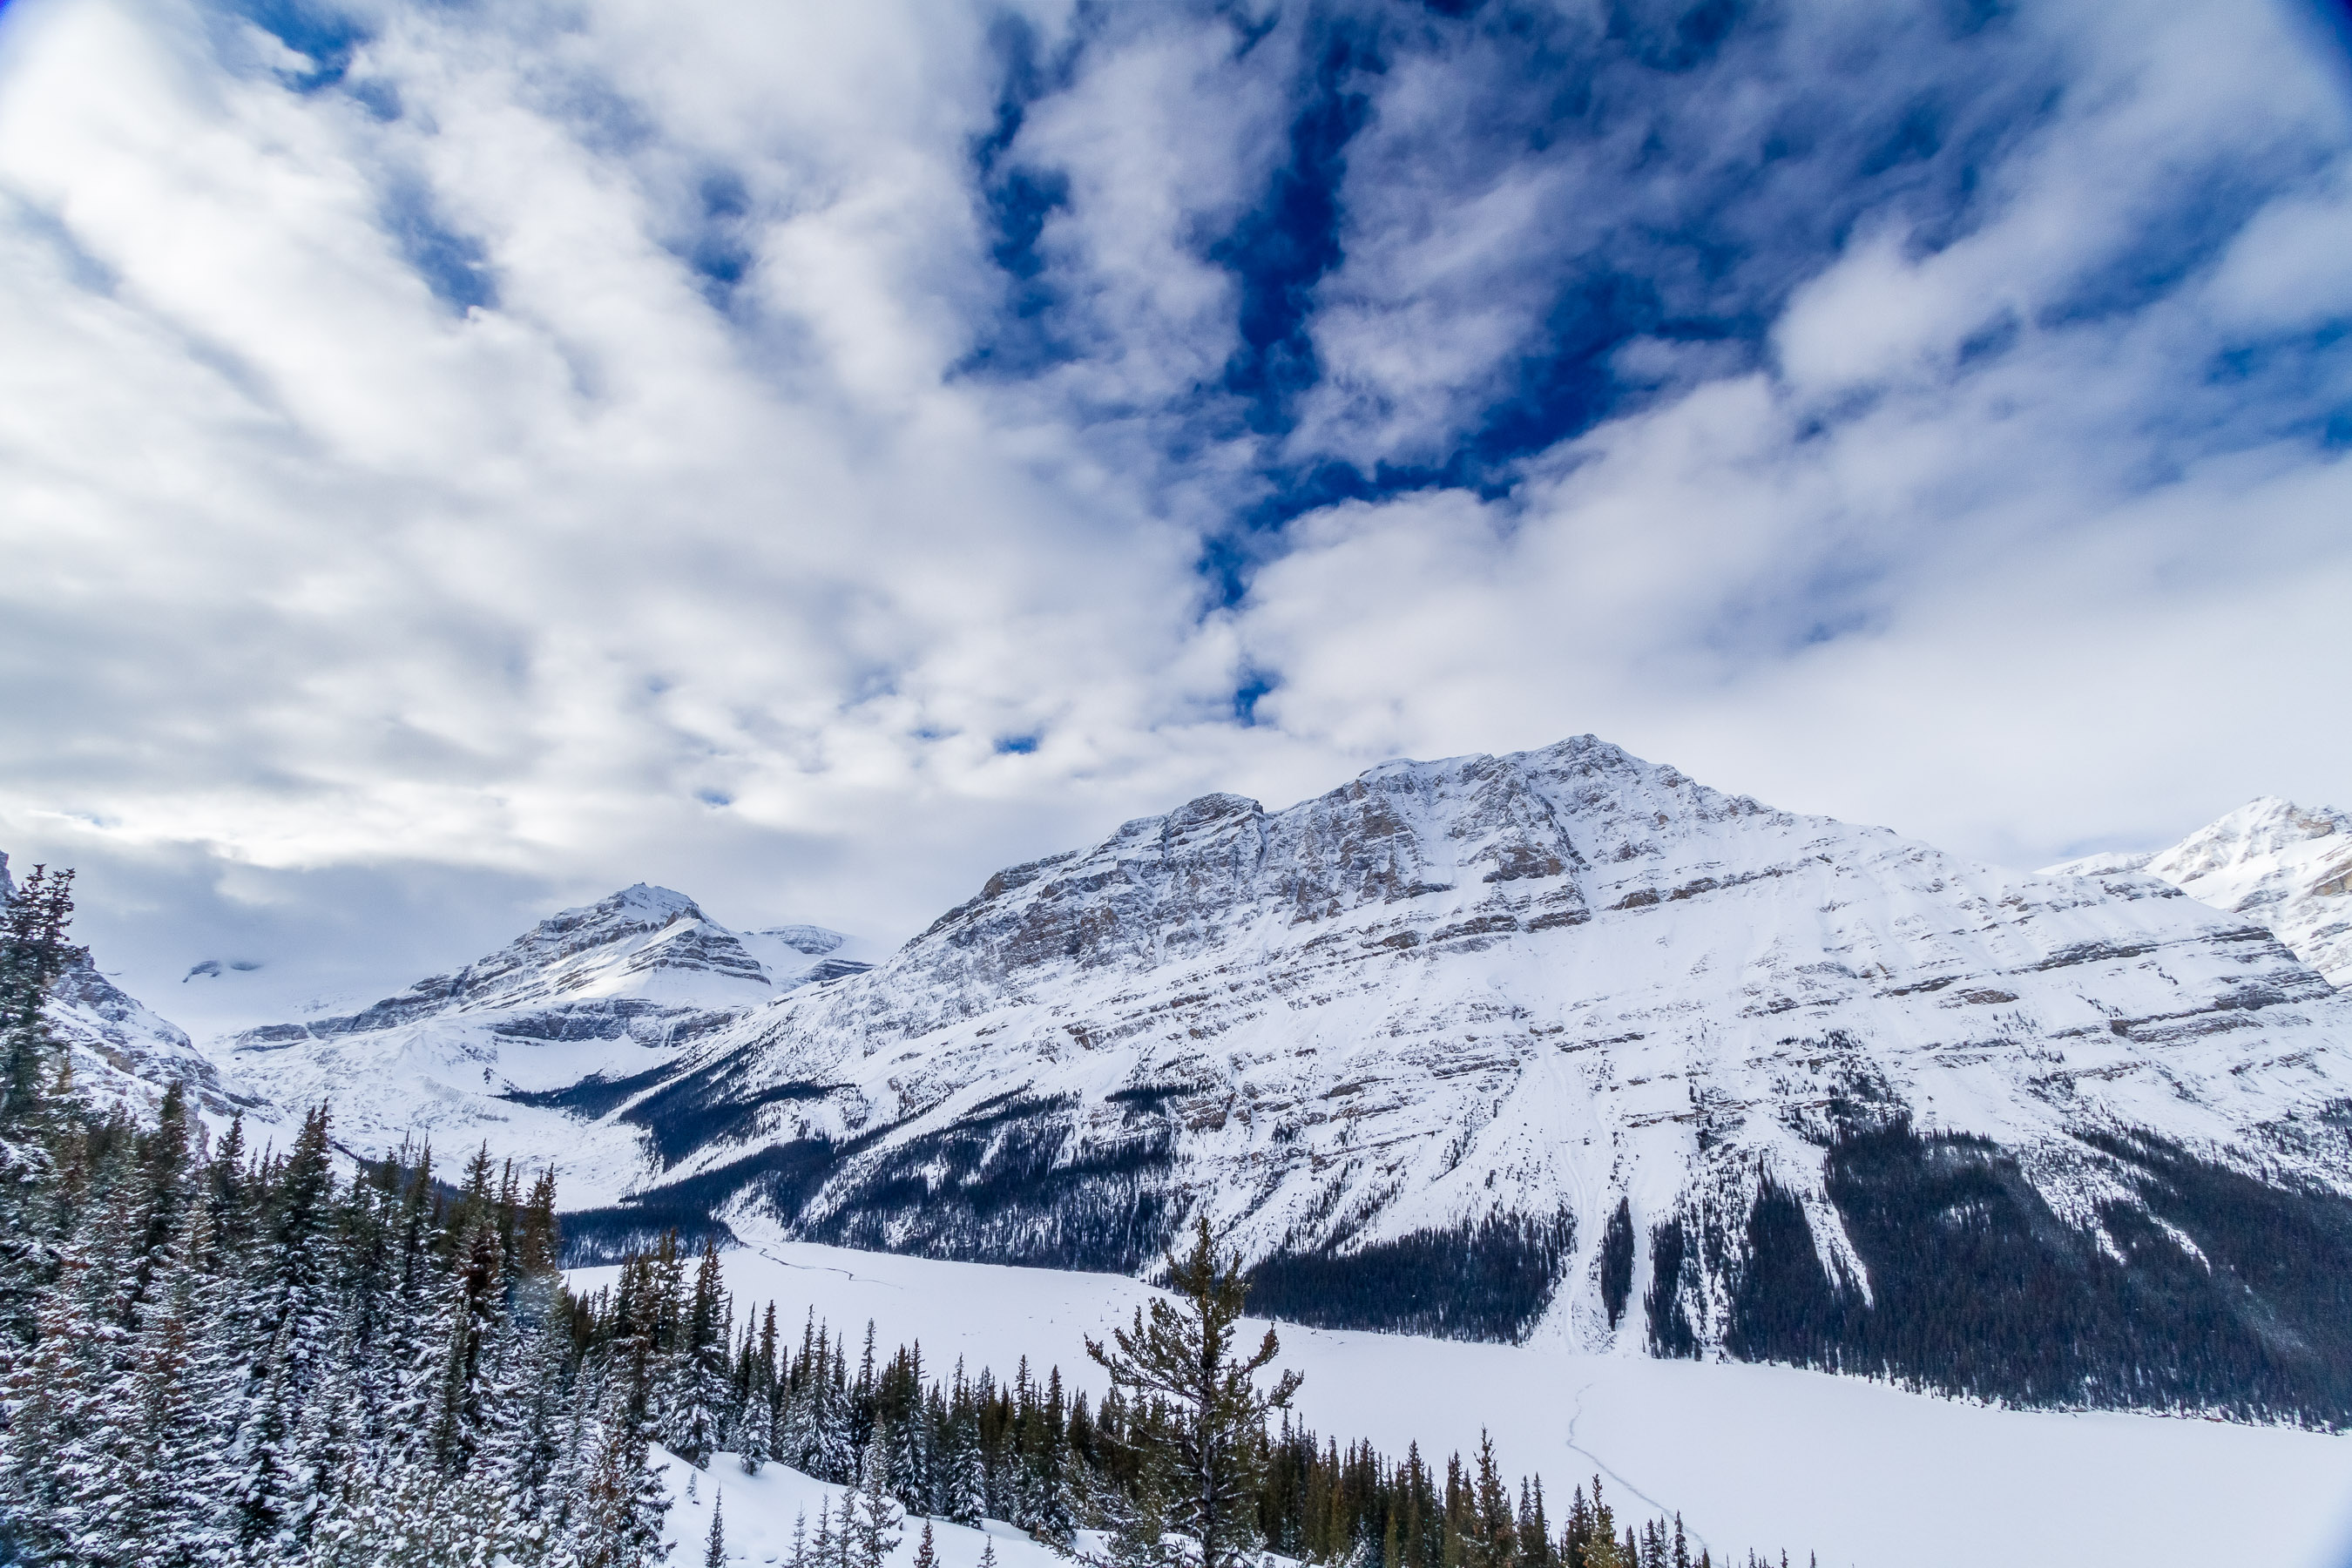 Canada, banff, lake louise, mountain, rockies